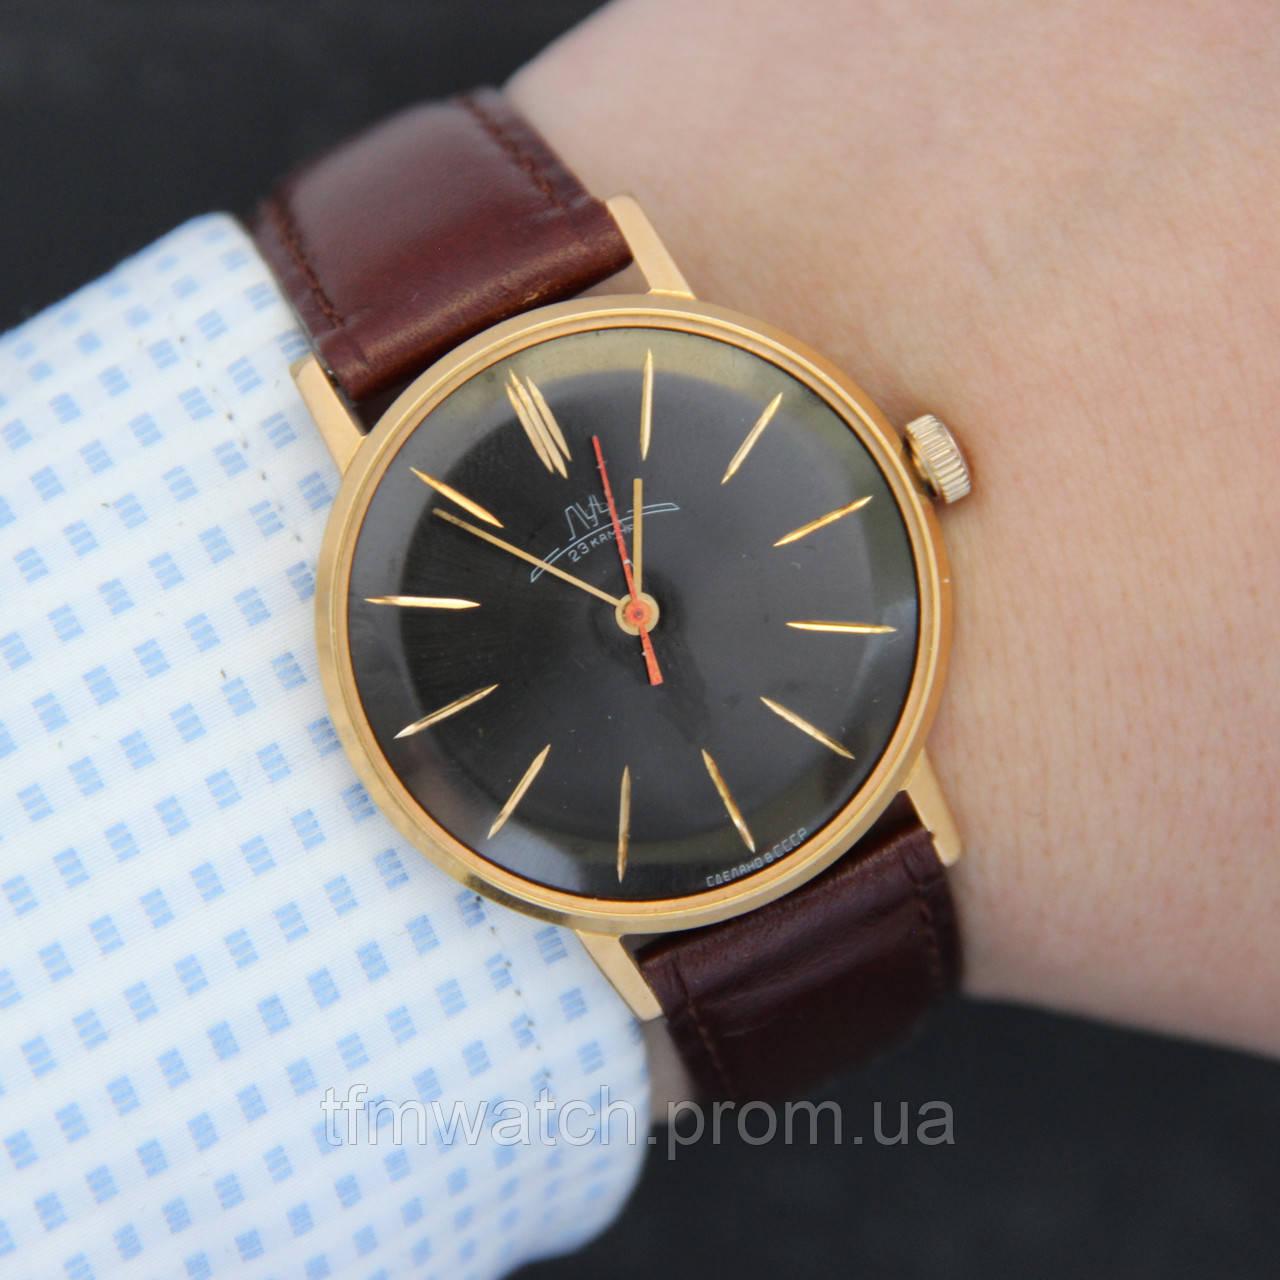 Час луч купить купить часы касио дайверские